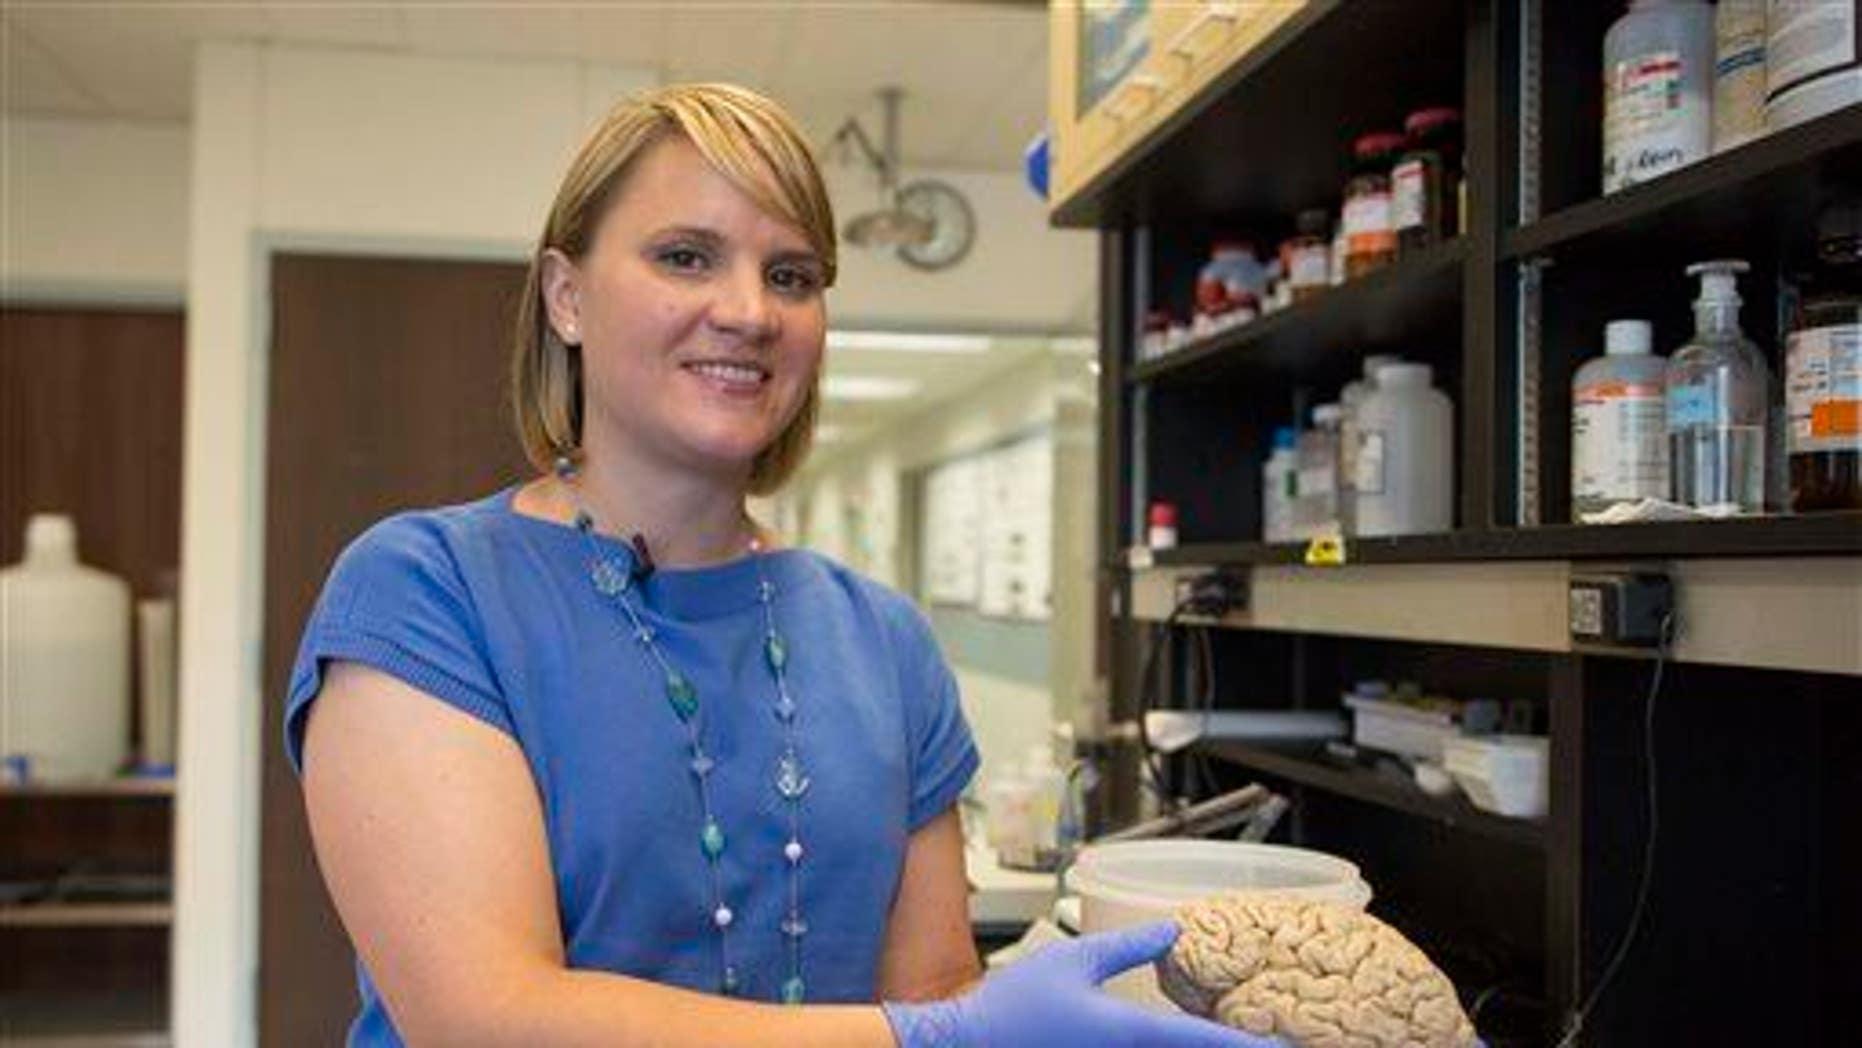 A human brain is shown.